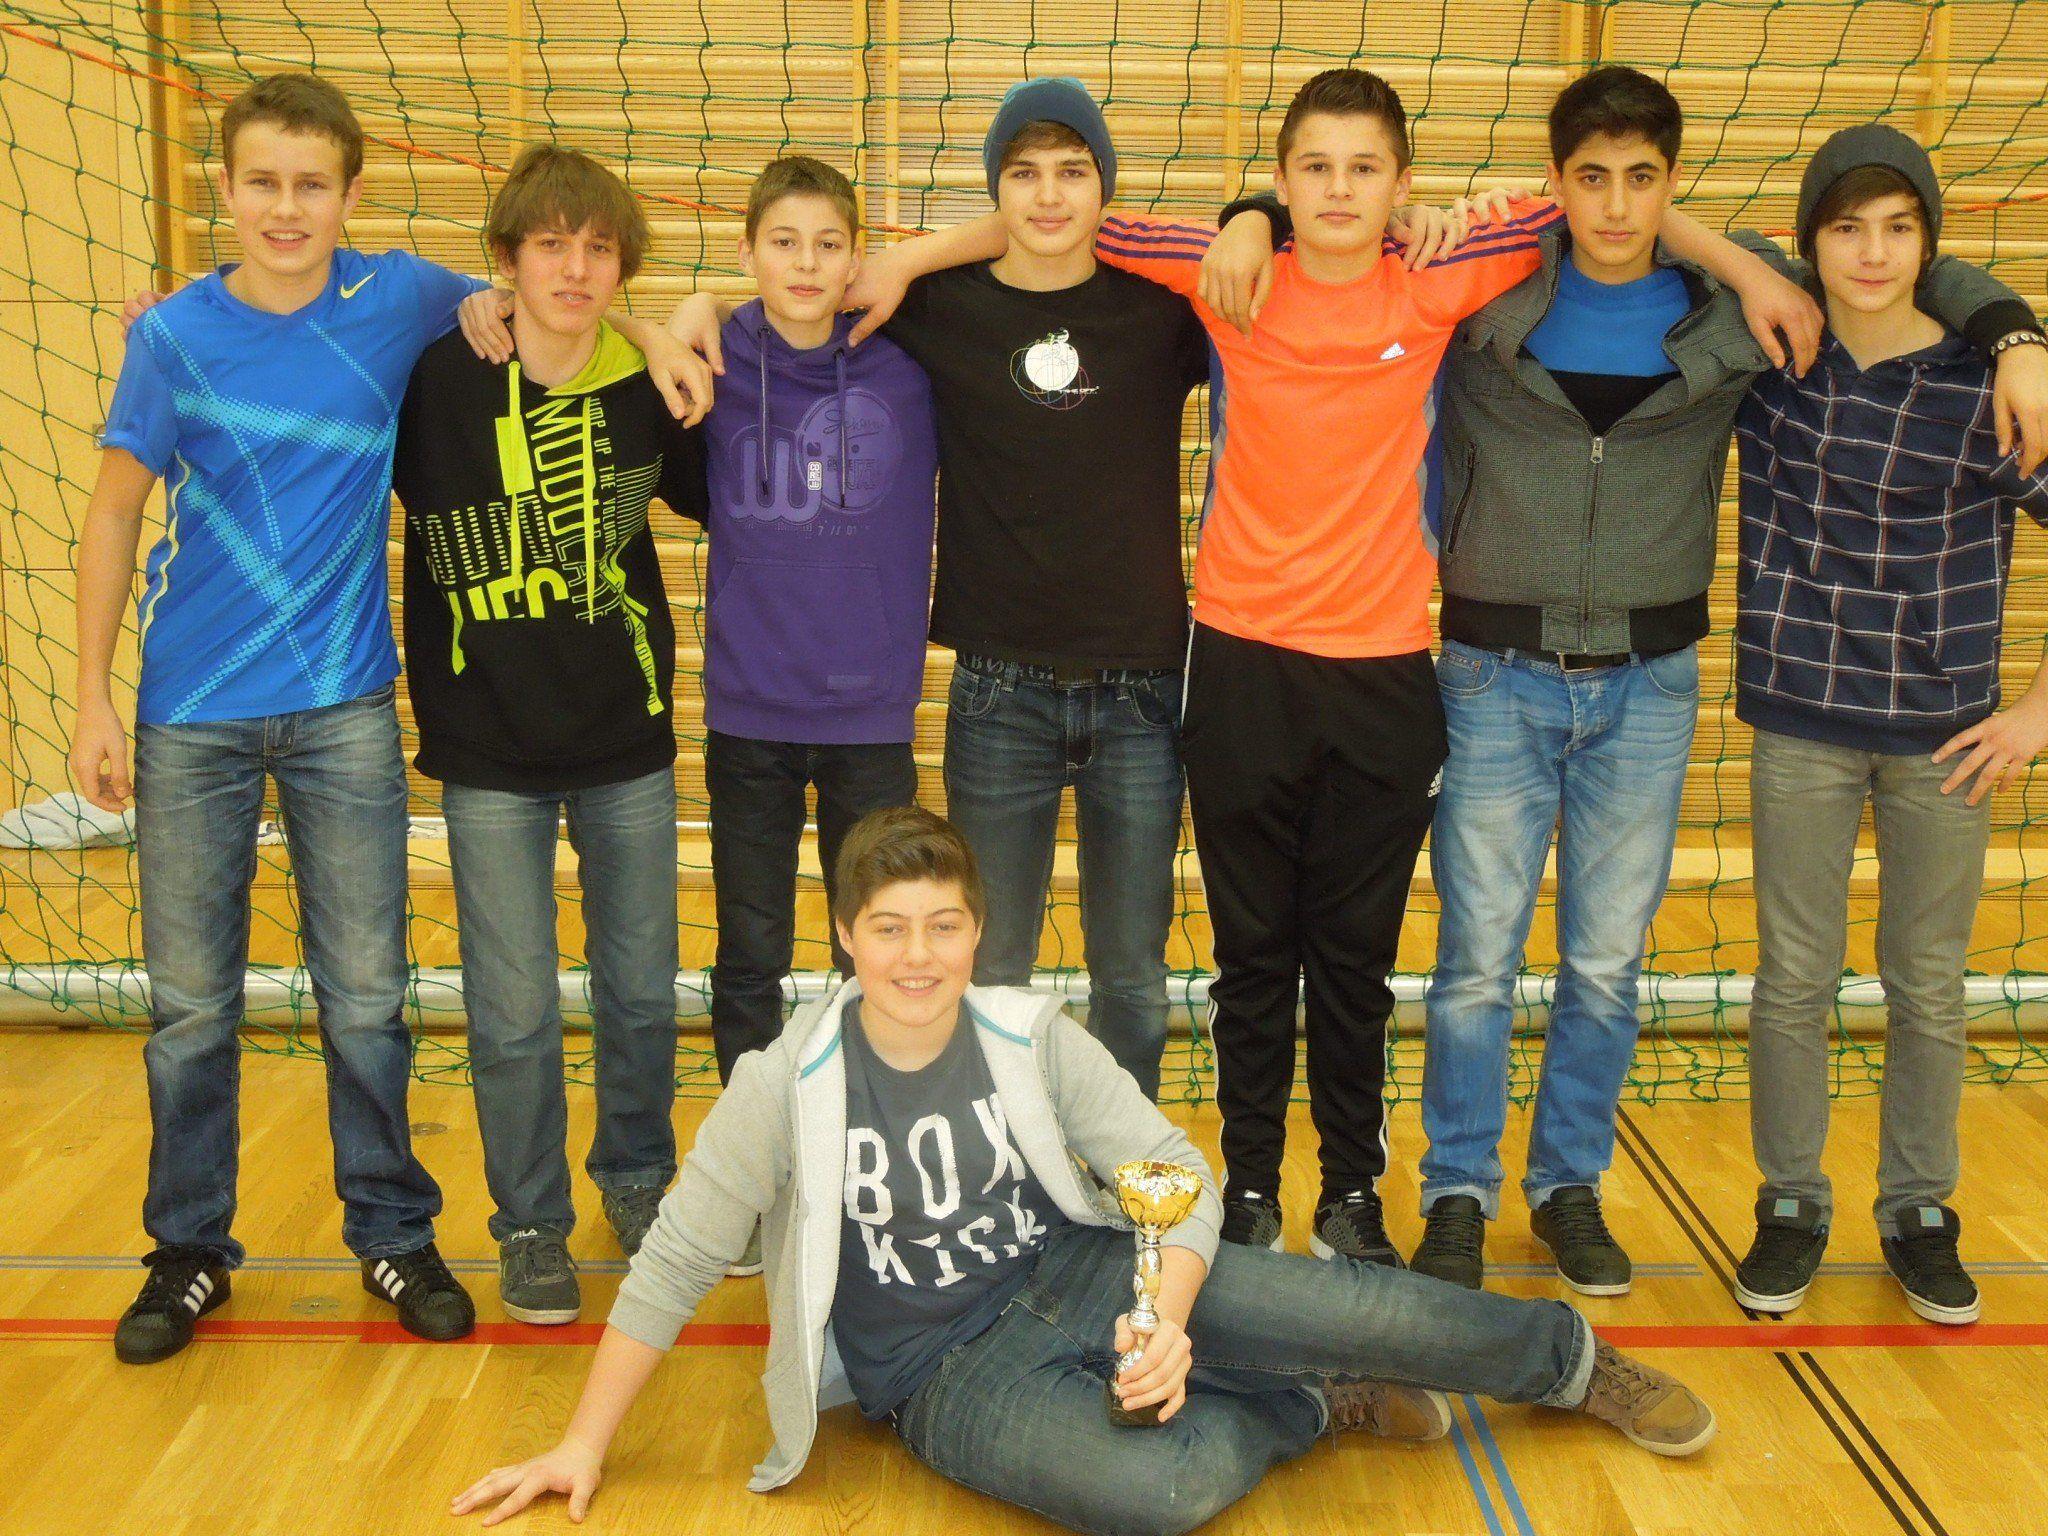 Der Sieg beim Futsal-Hallenturnier des FC Dornbirn in der Altersklasse U15 ging an den FC Höchst.